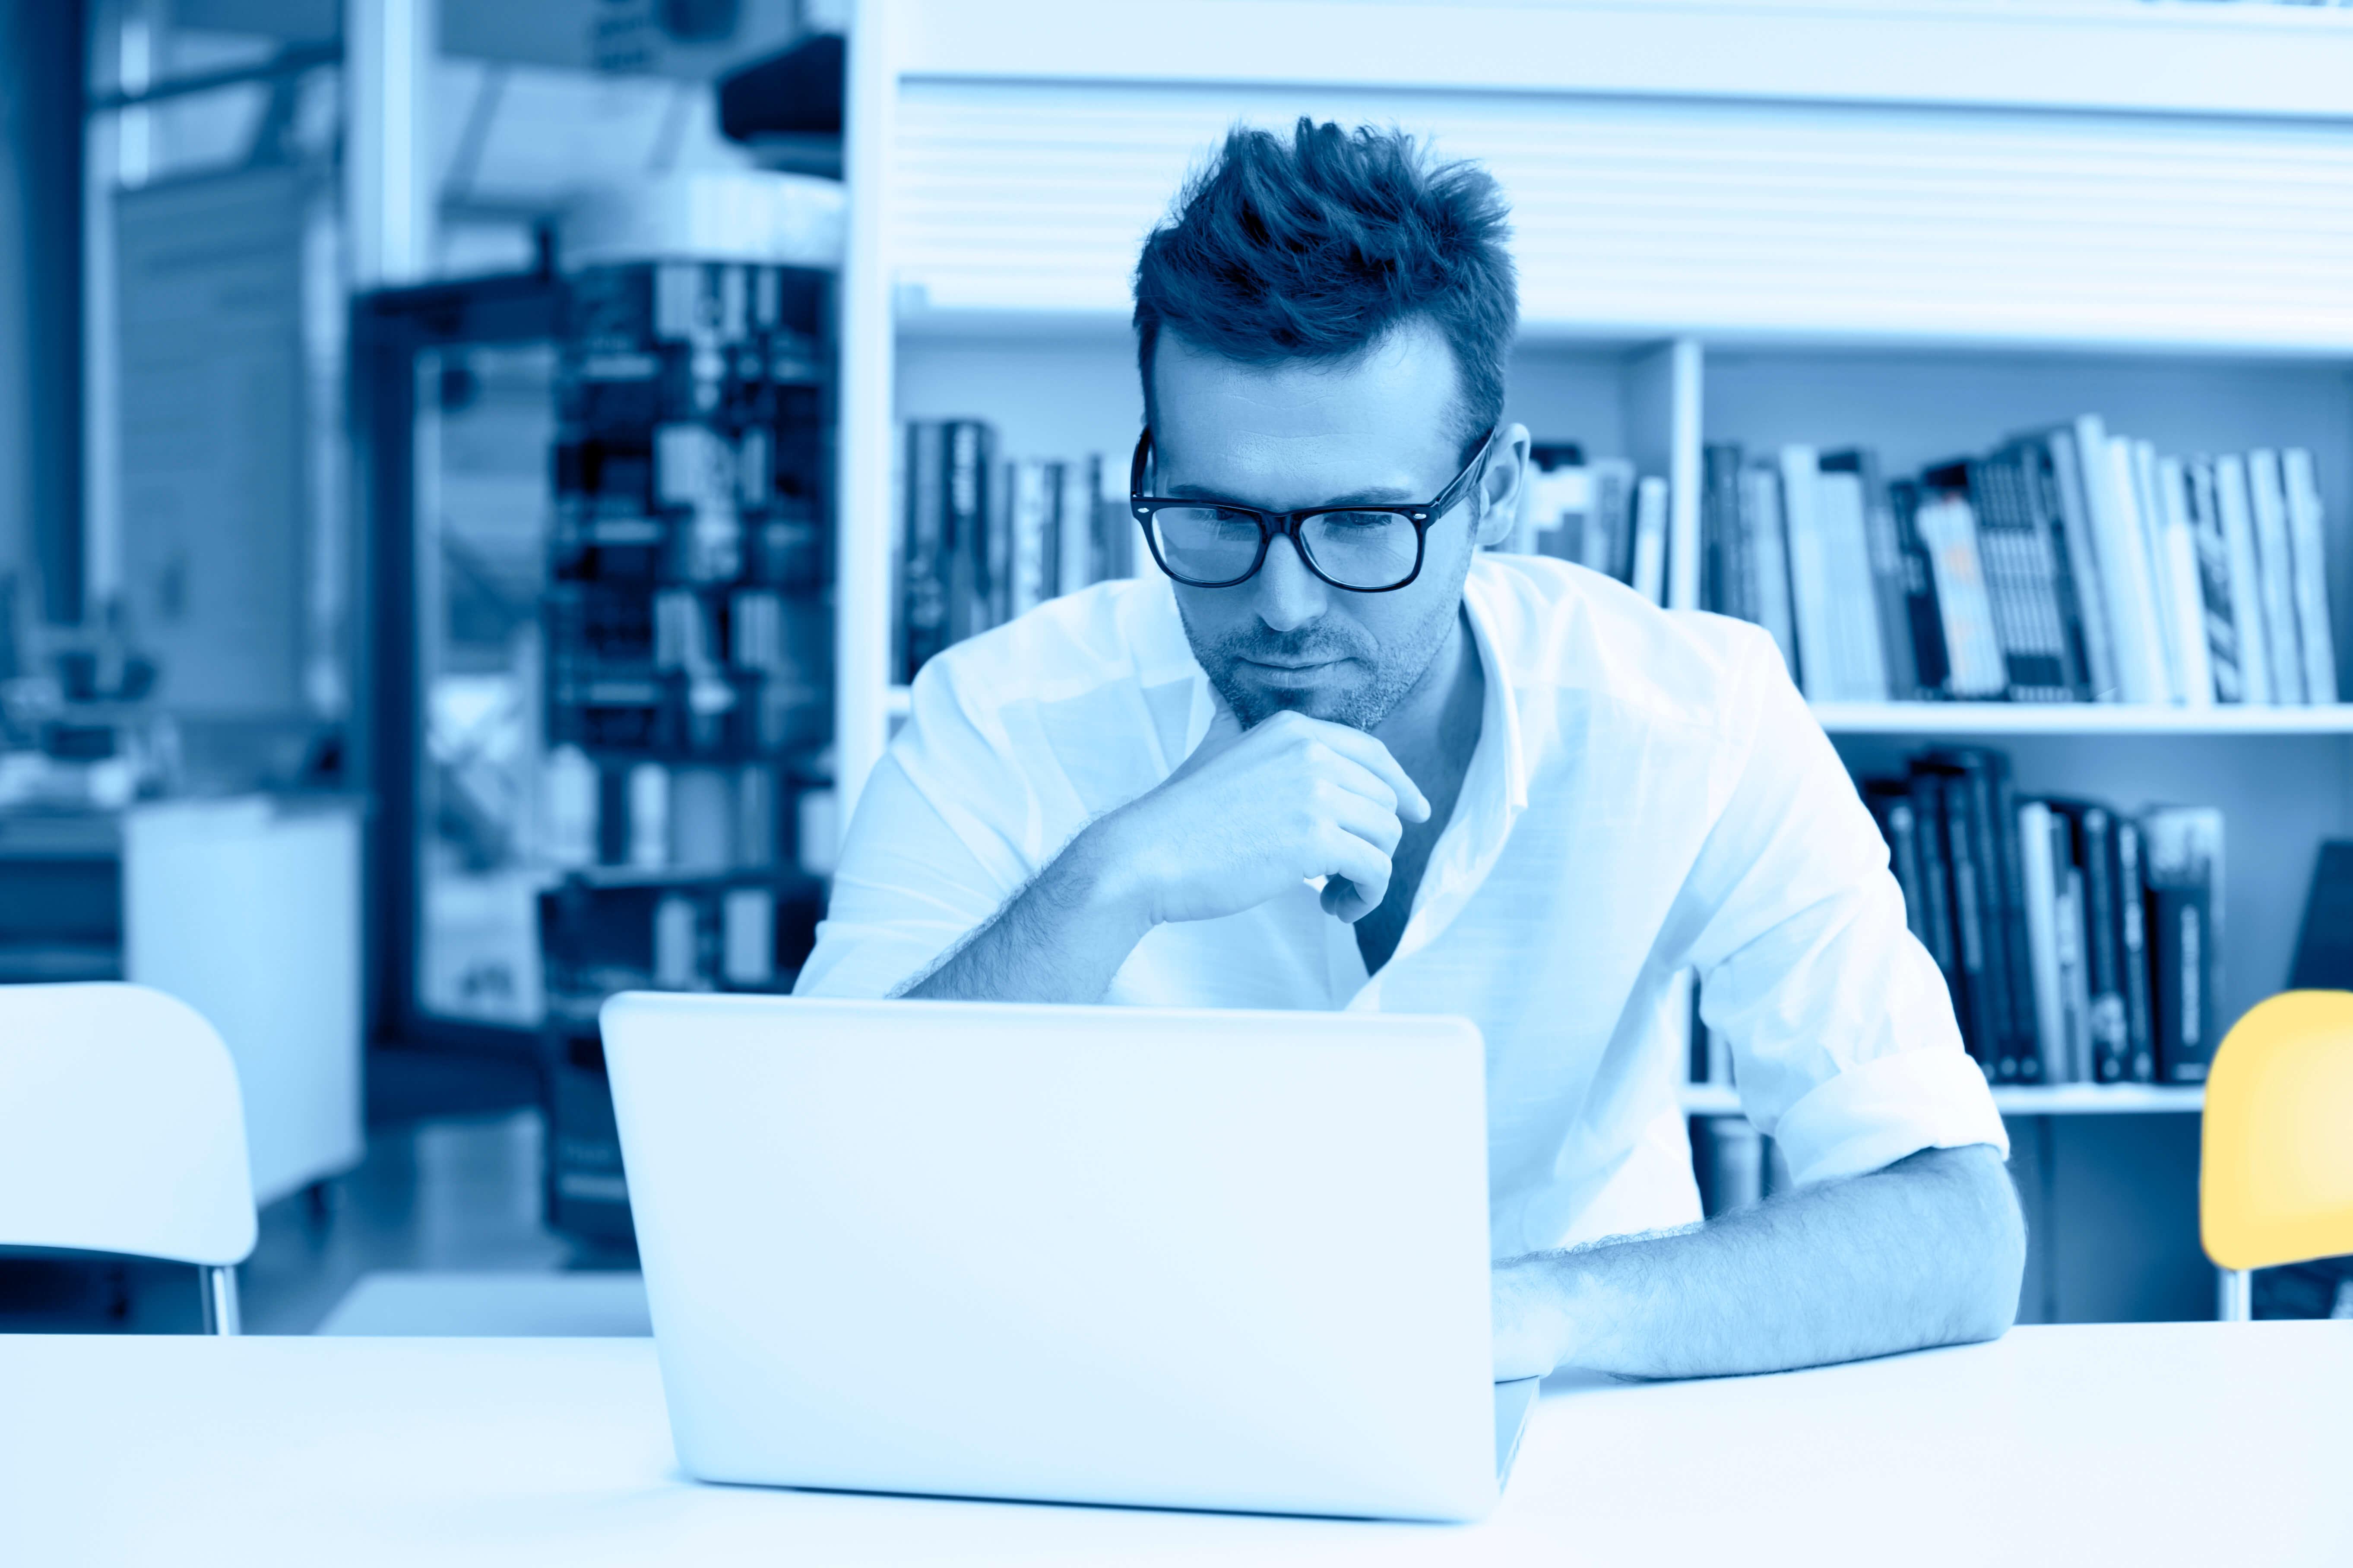 Online informiert – So setzten Unternehmen die PLM-/DMS<sup>tec</sup>-Lösung PRO.FILE ein